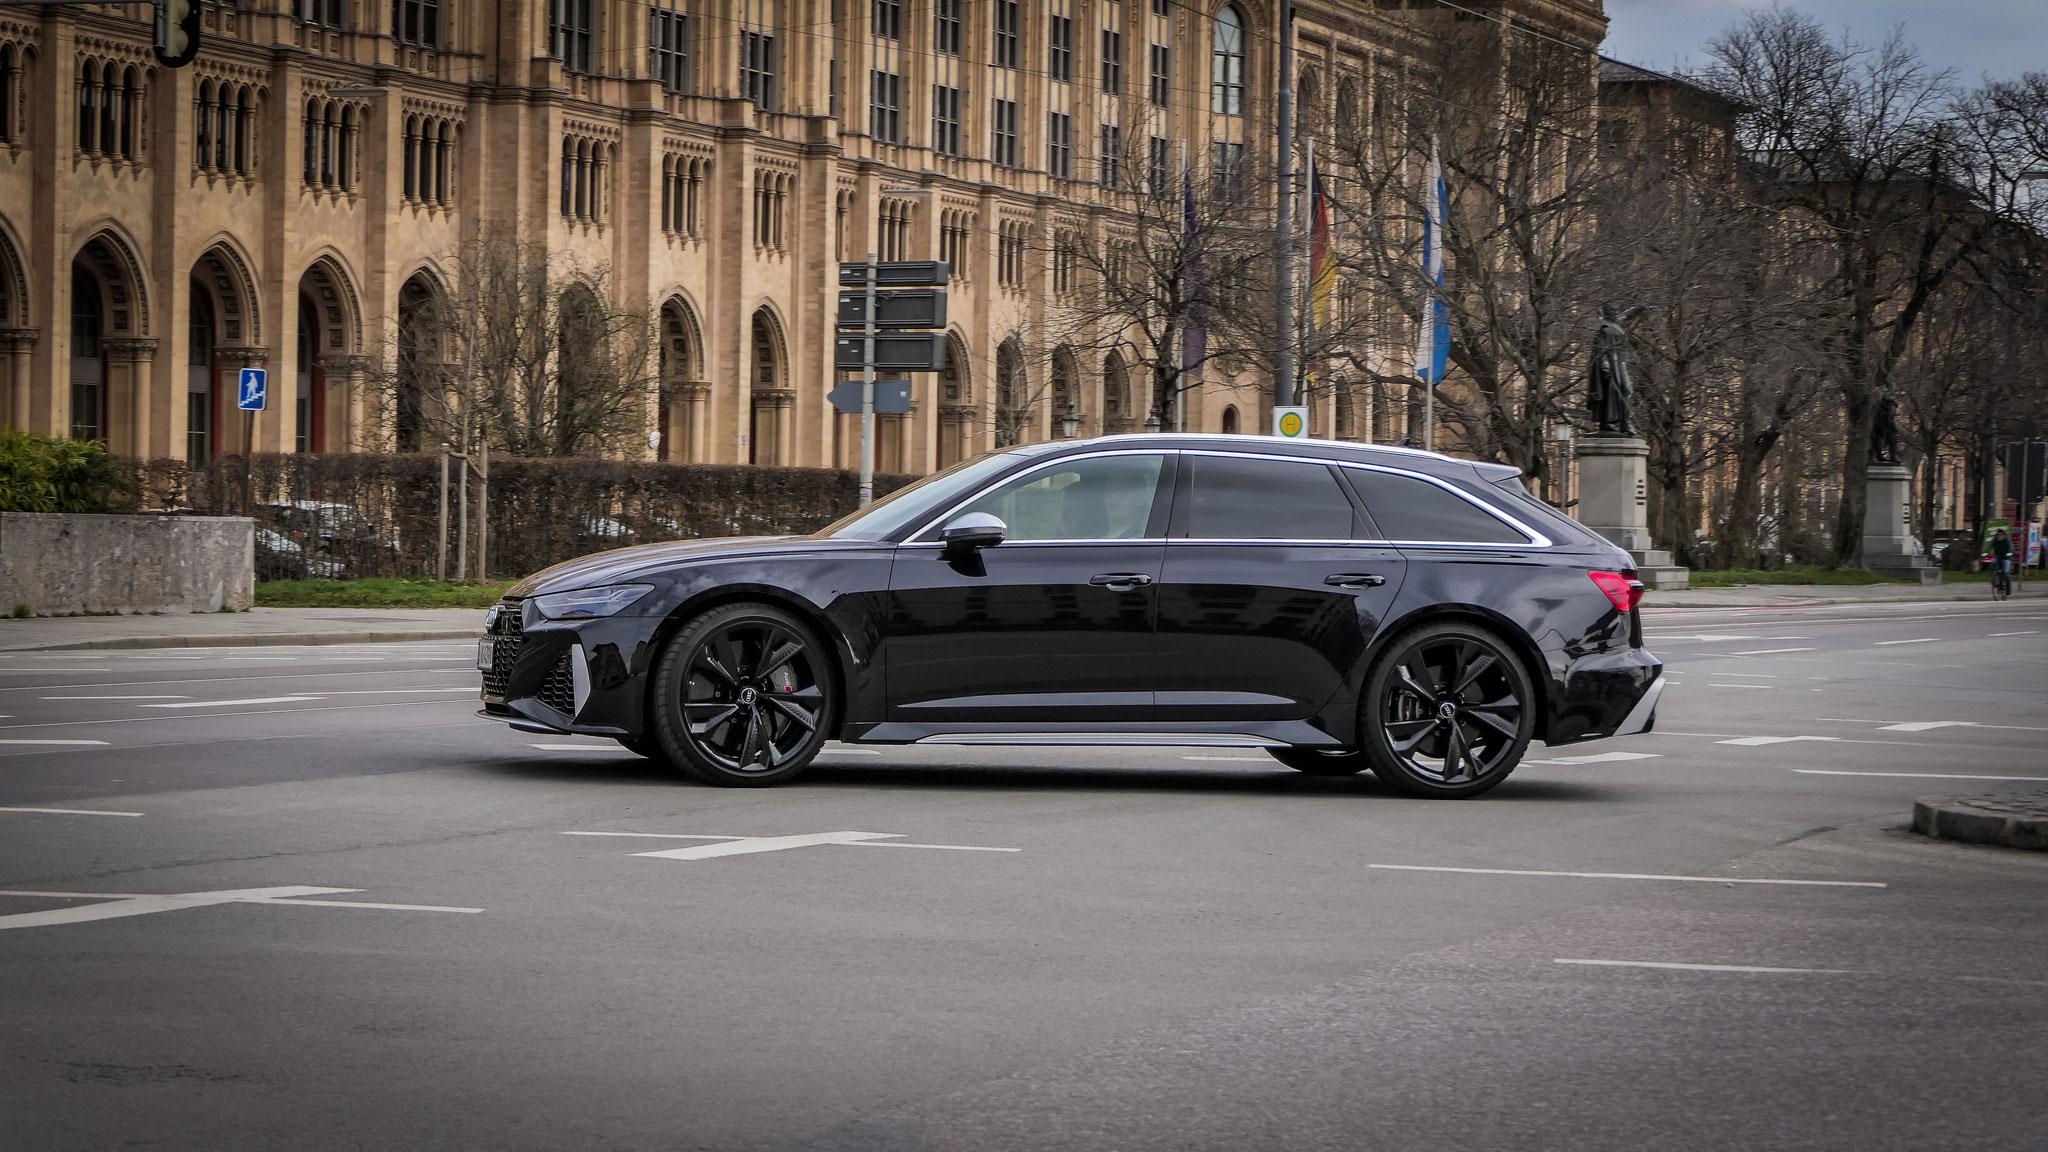 Audi RS6 - IN-BG-4398